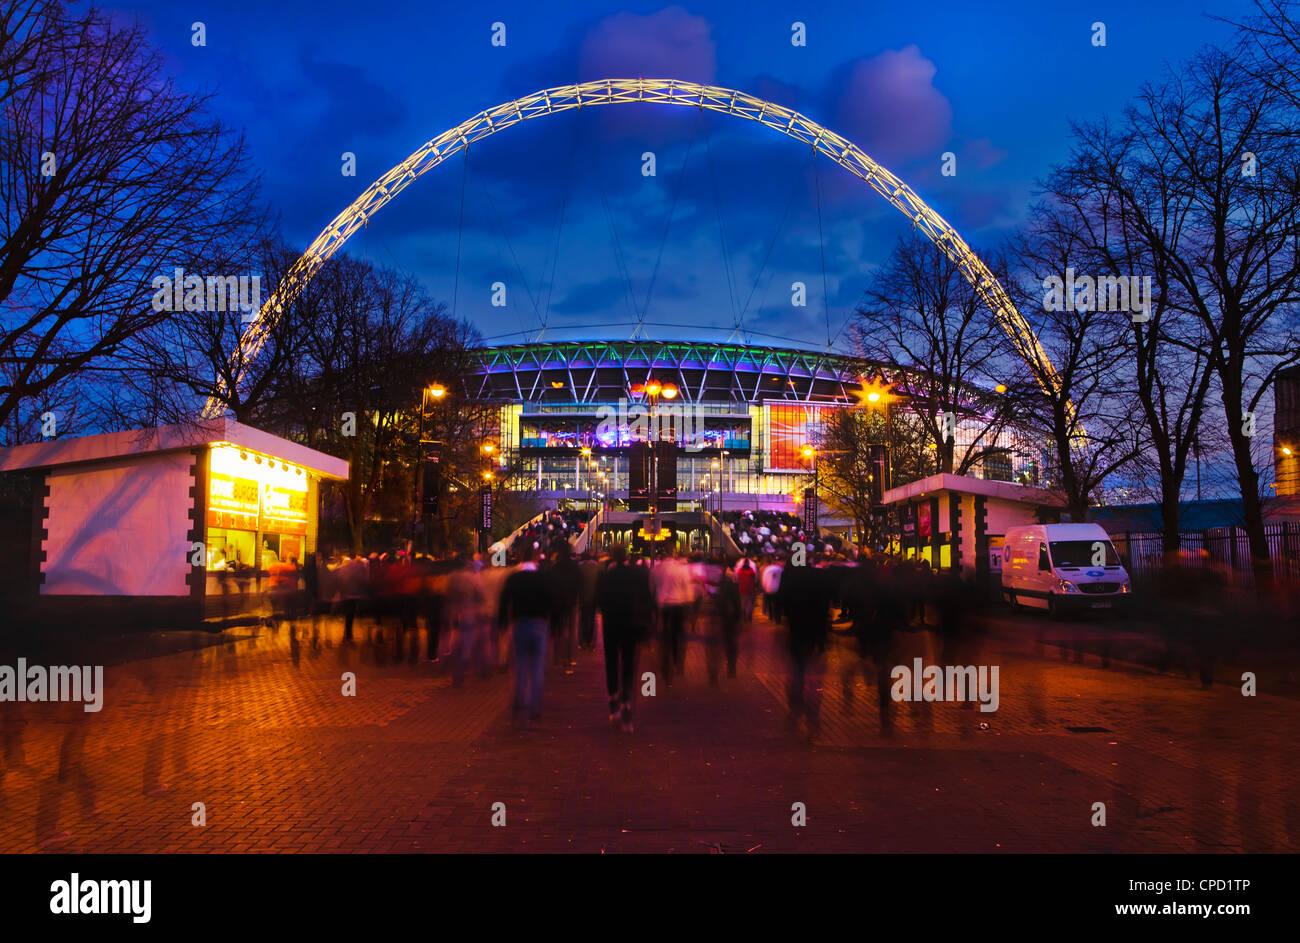 Wembley-Stadion mit England Fans Eingabe des Veranstaltungsorts für internationale Spiel, London, England, Stockbild